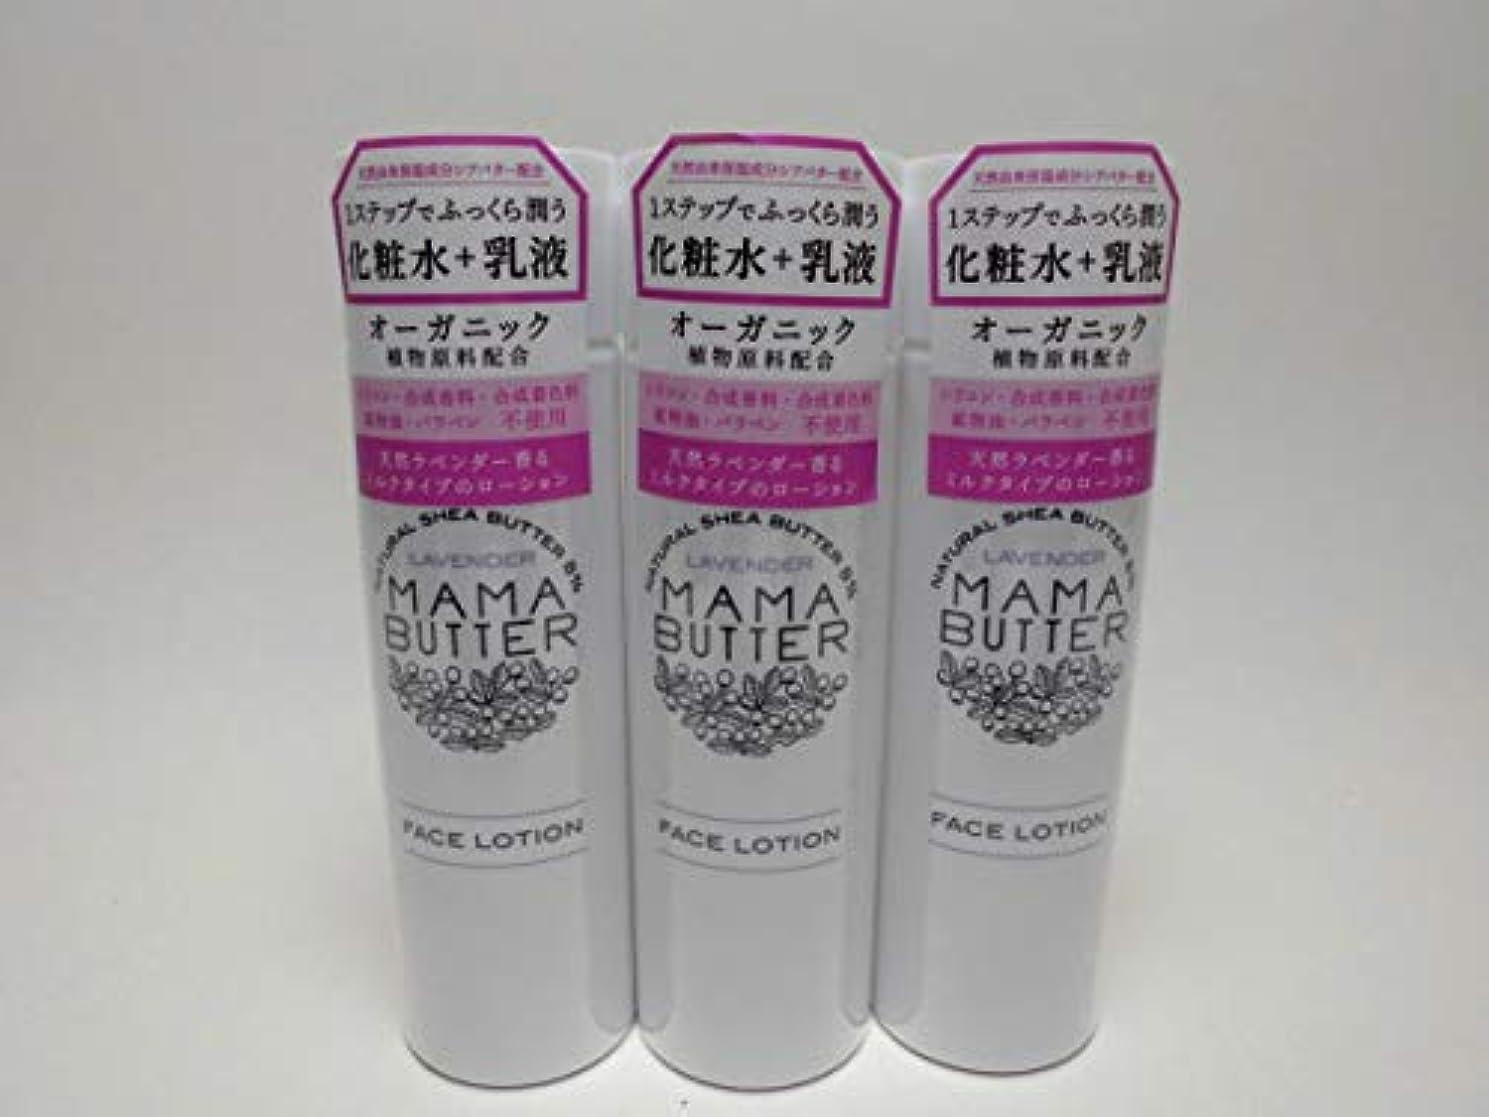 先祖形成受け入れ【3個セット】ママバター 化粧水 フェイスローション 200ml 定価1620円